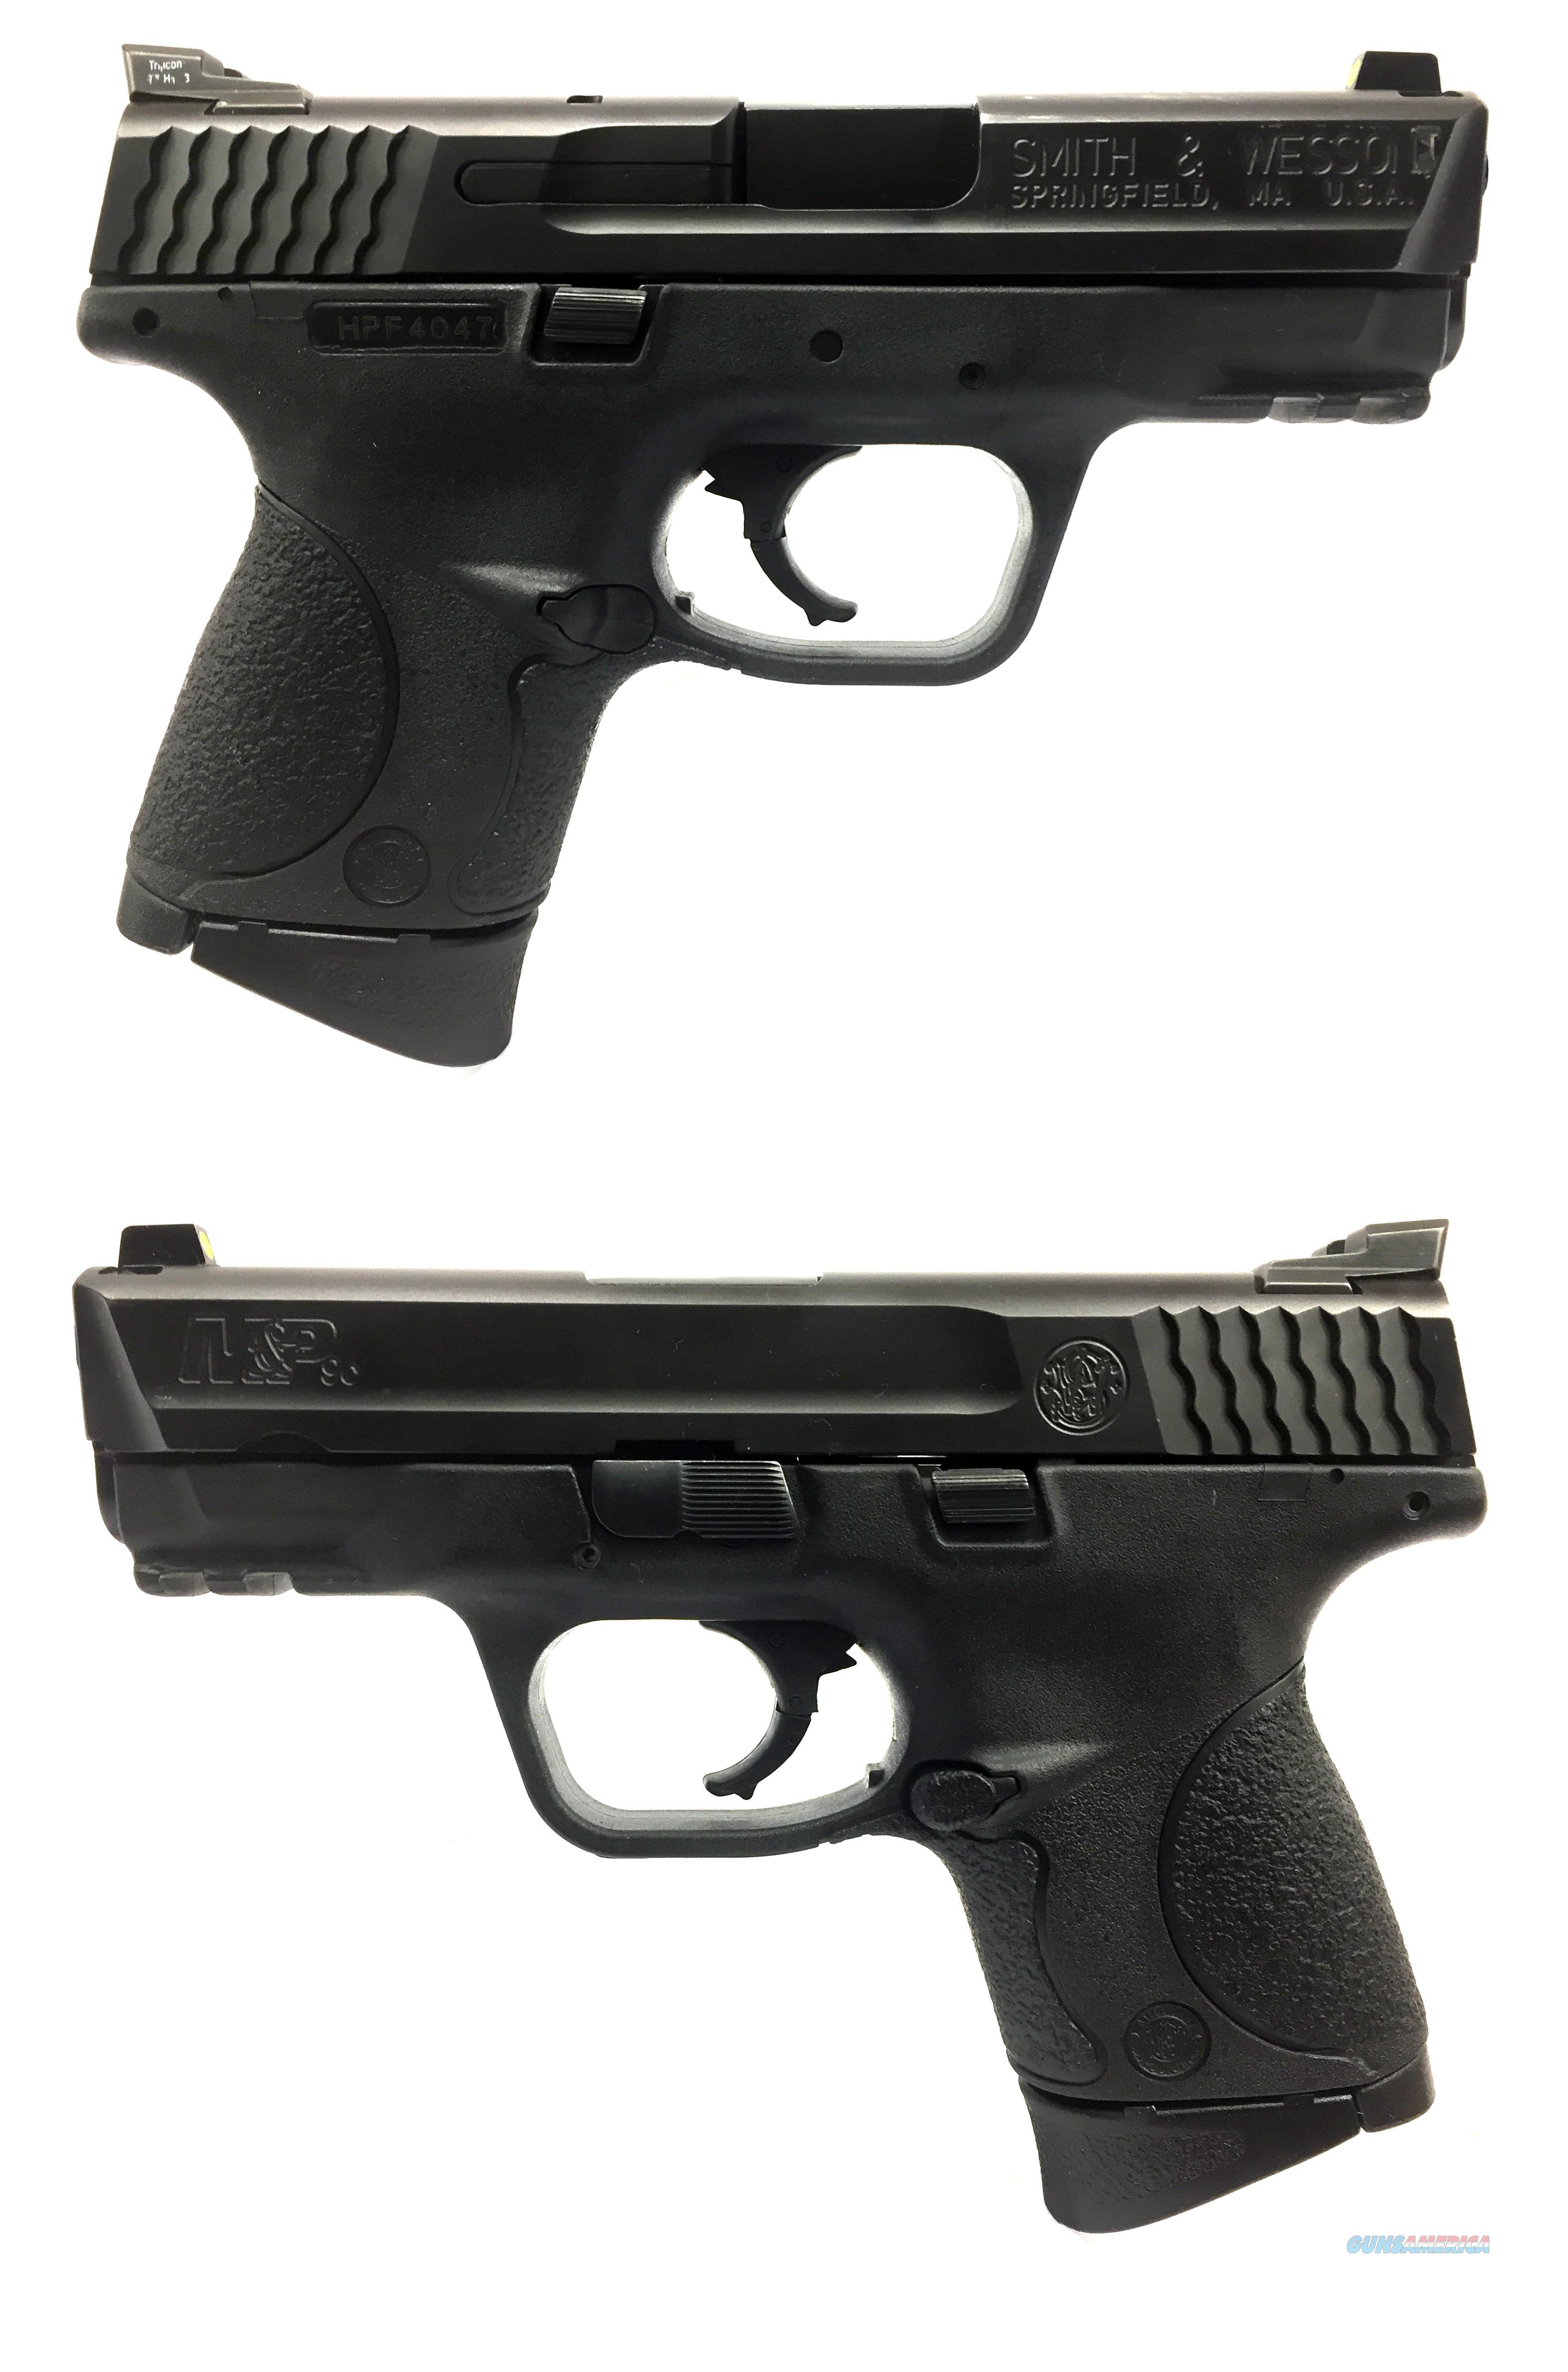 Smith & Wesson M&P9c Semi-Automatic Pistol  Guns > Pistols > Smith & Wesson Pistols - Autos > Polymer Frame